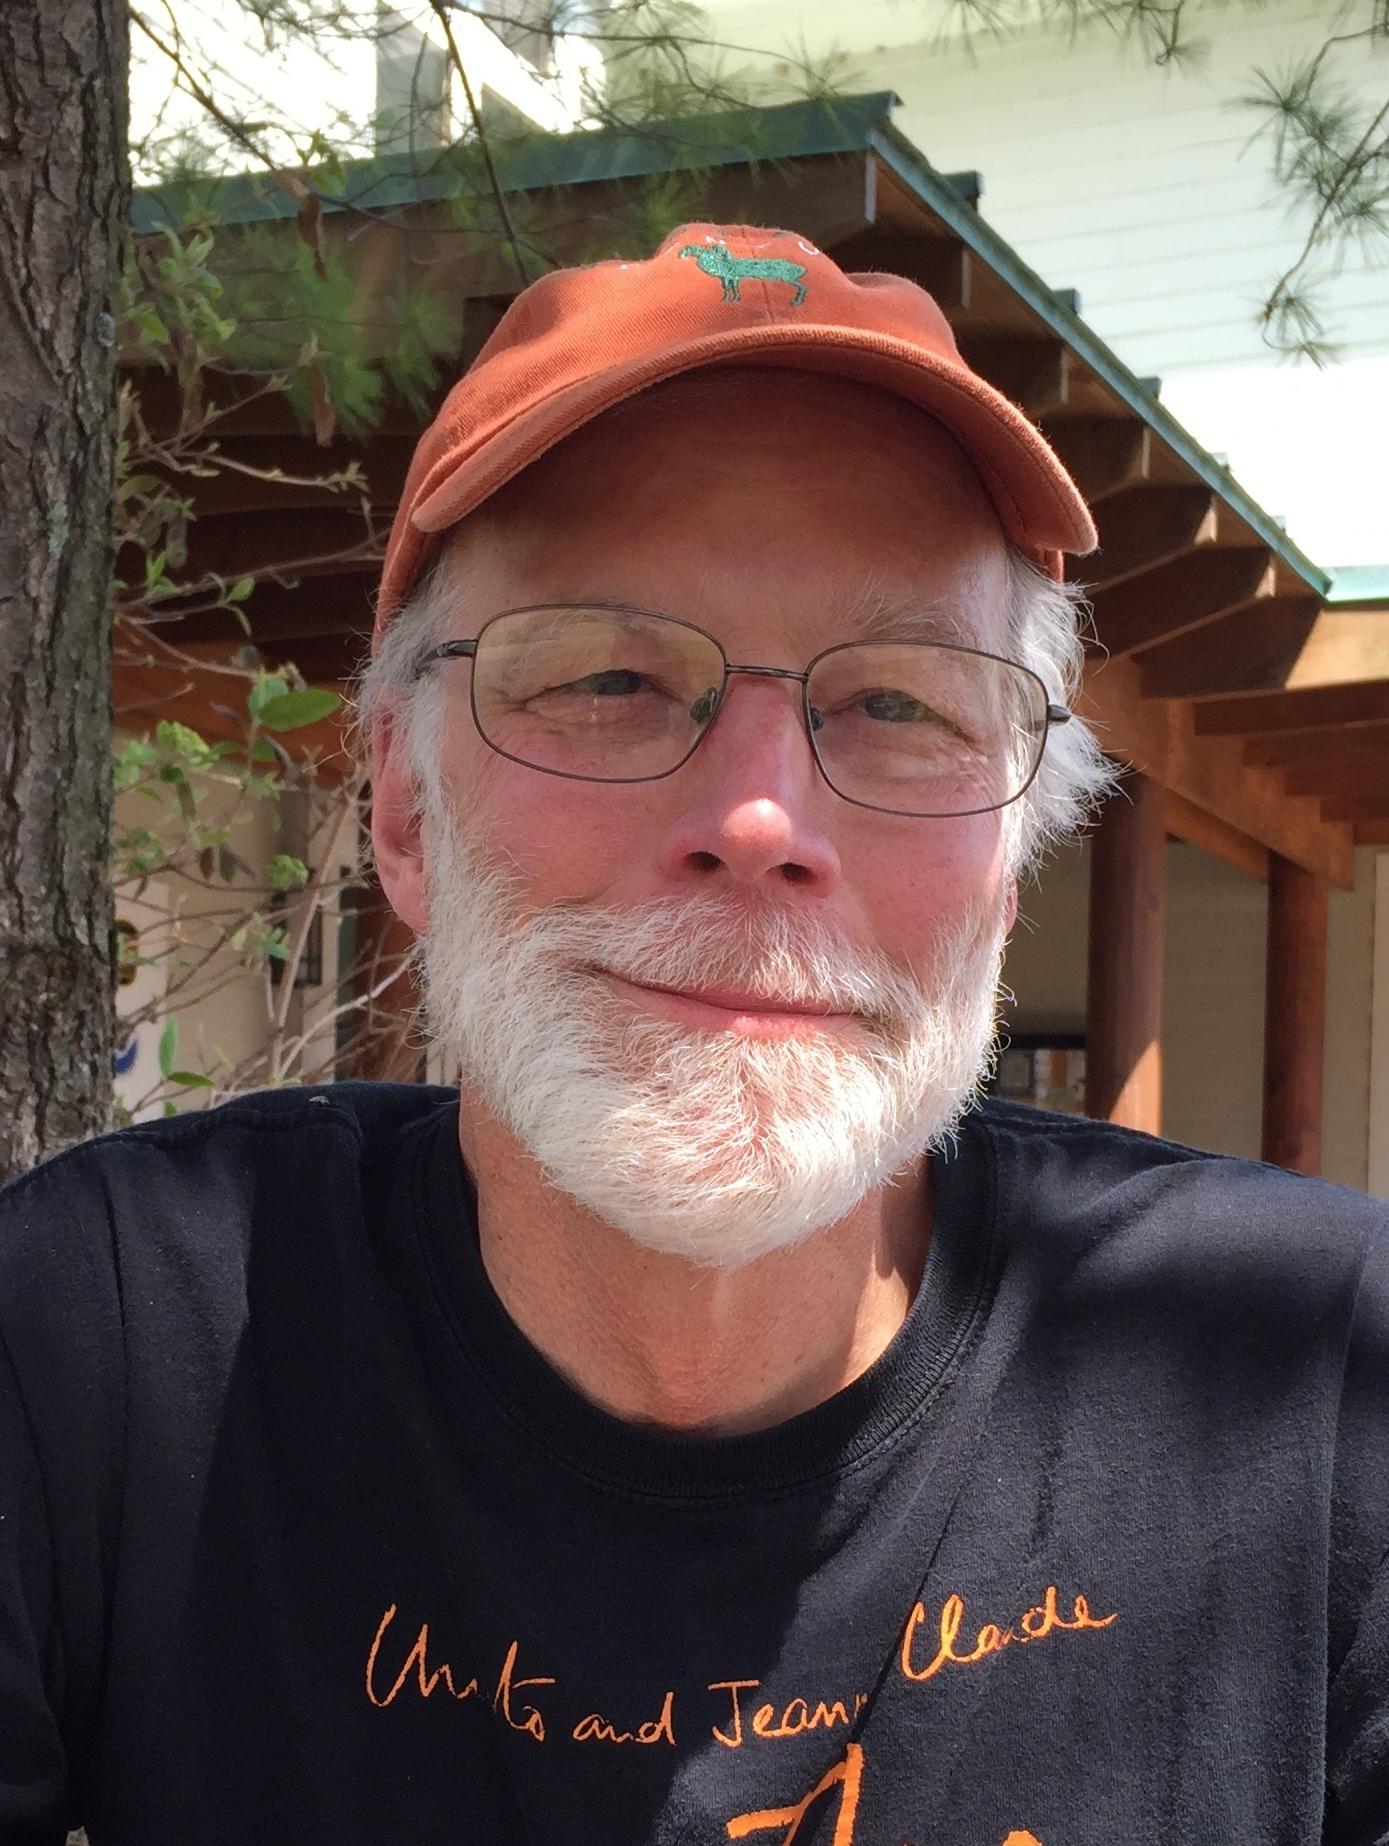 John Barber wearing an orange baseball cap and black shirt with orange writing.